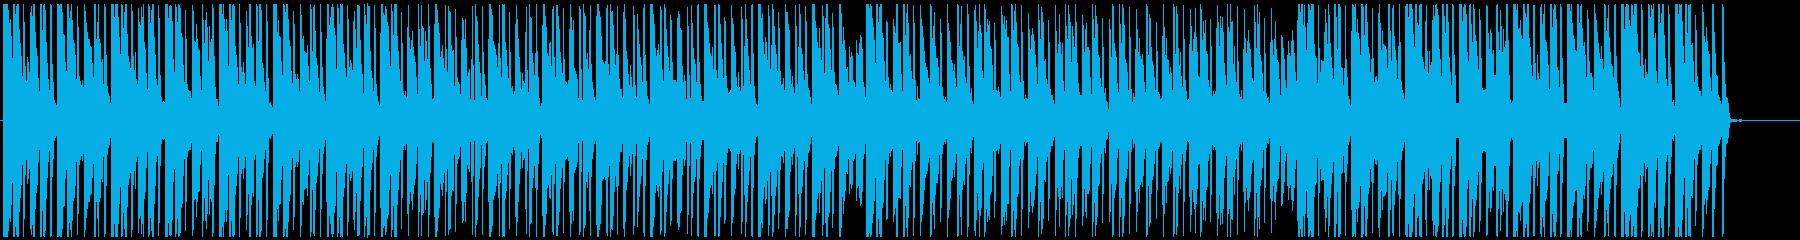 南国感ありアフロビート トロピカルハウスの再生済みの波形